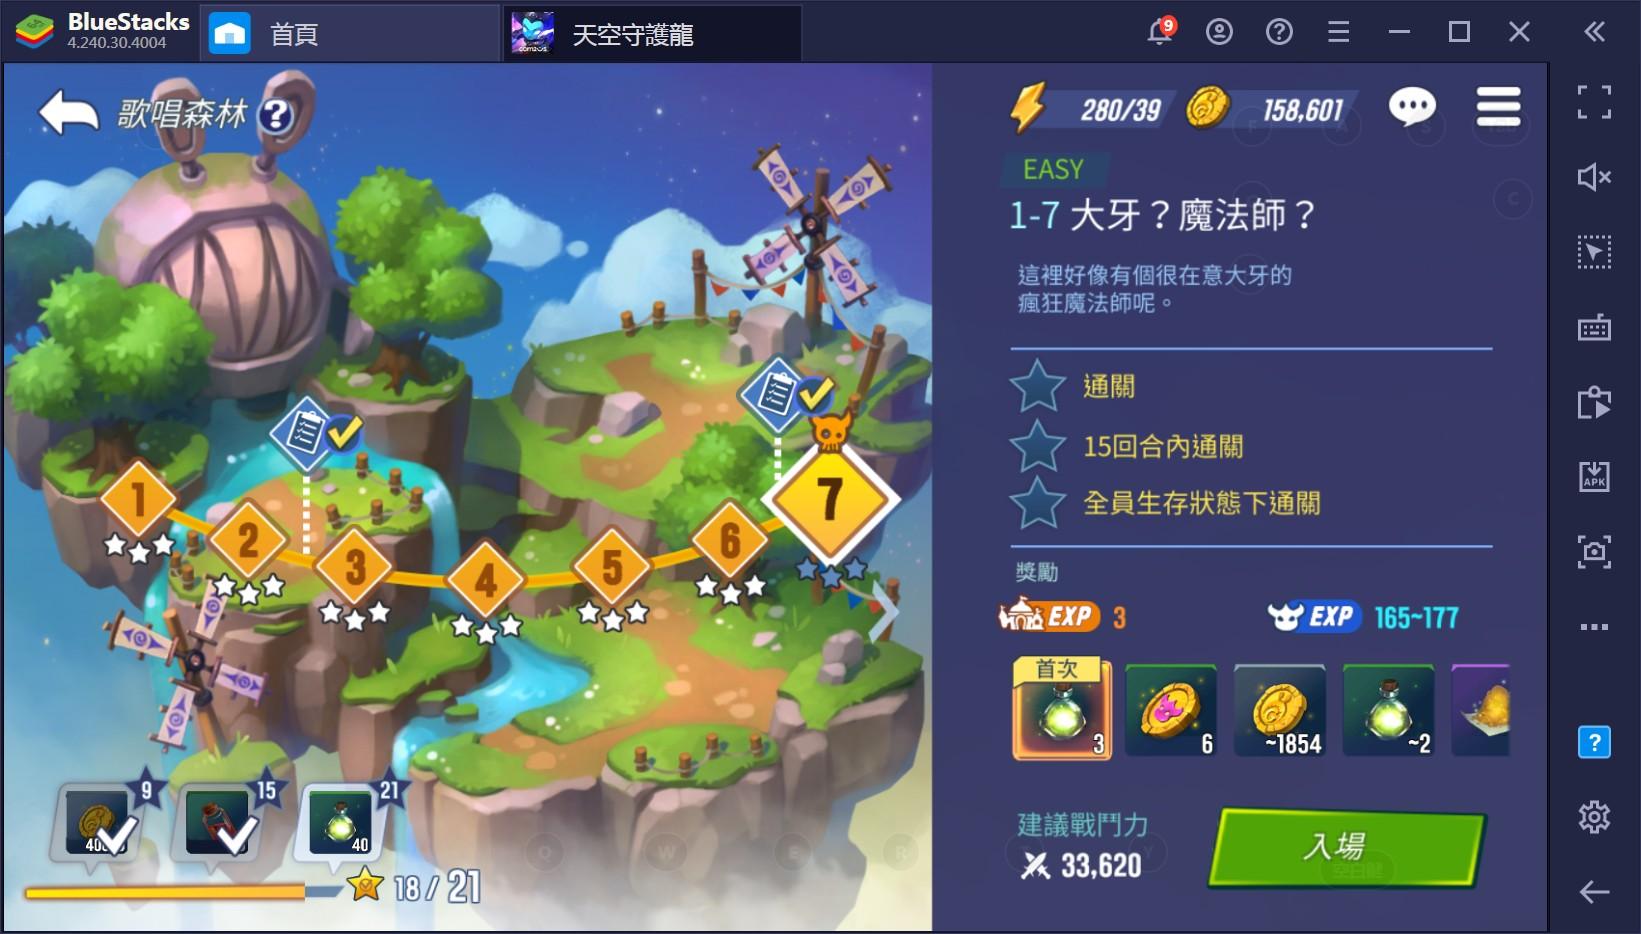 使用BlueStacks在PC上遊玩手機遊戲《天空守護龍 英雄戰場》